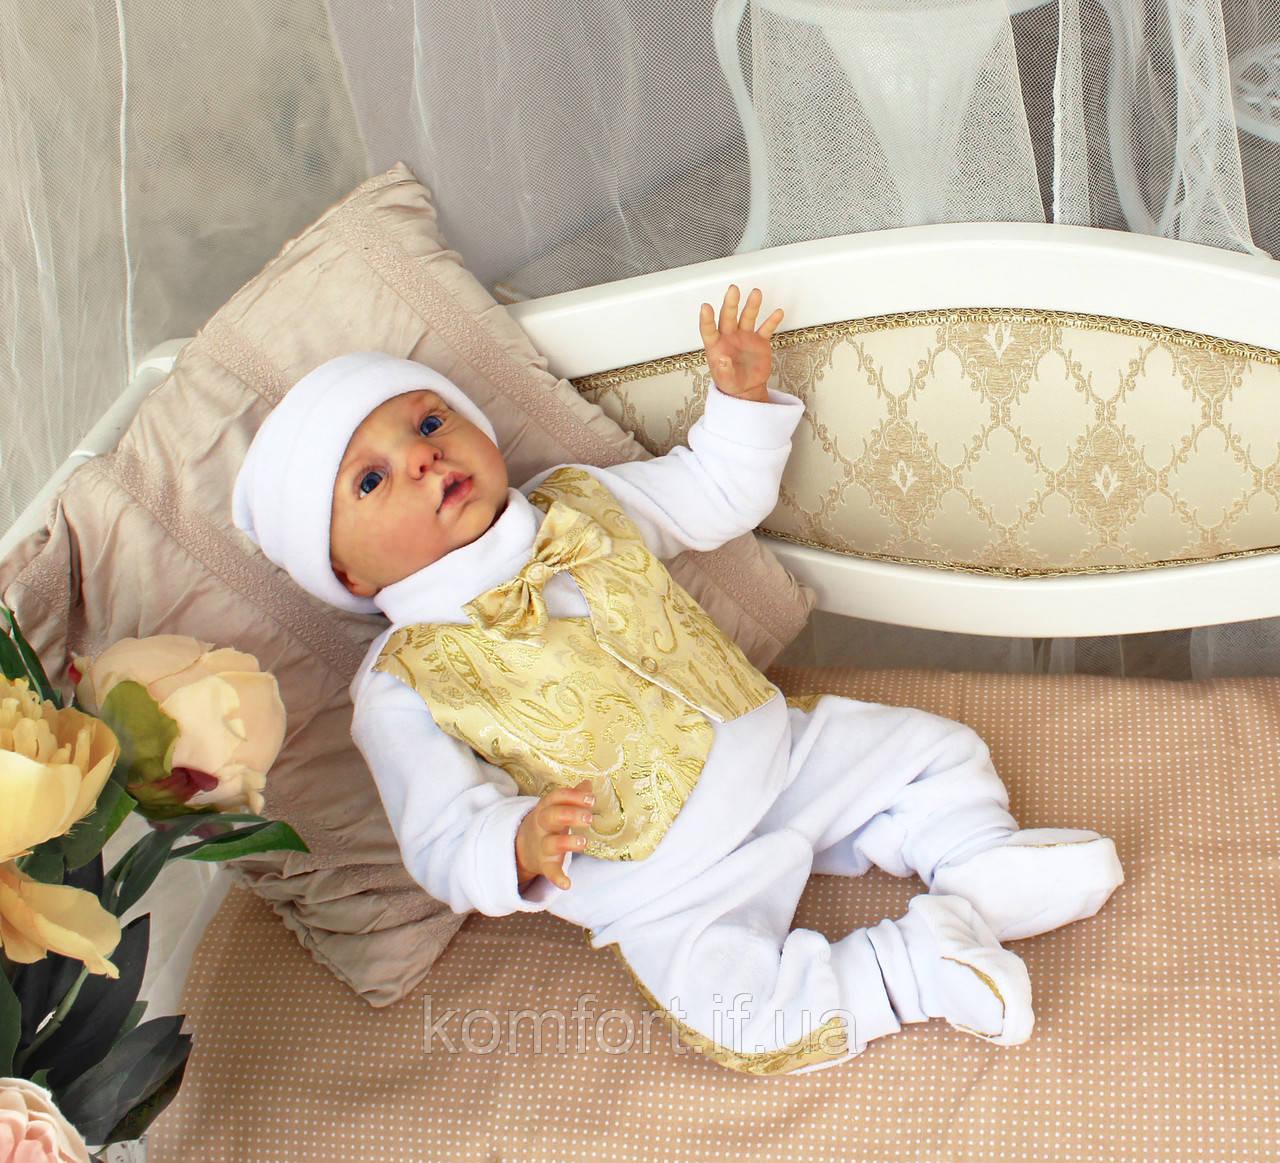 """Комплект одежды для новорожденного  """"Gold"""" (велюровый)  Возраст от 0 до 6 мес 56"""